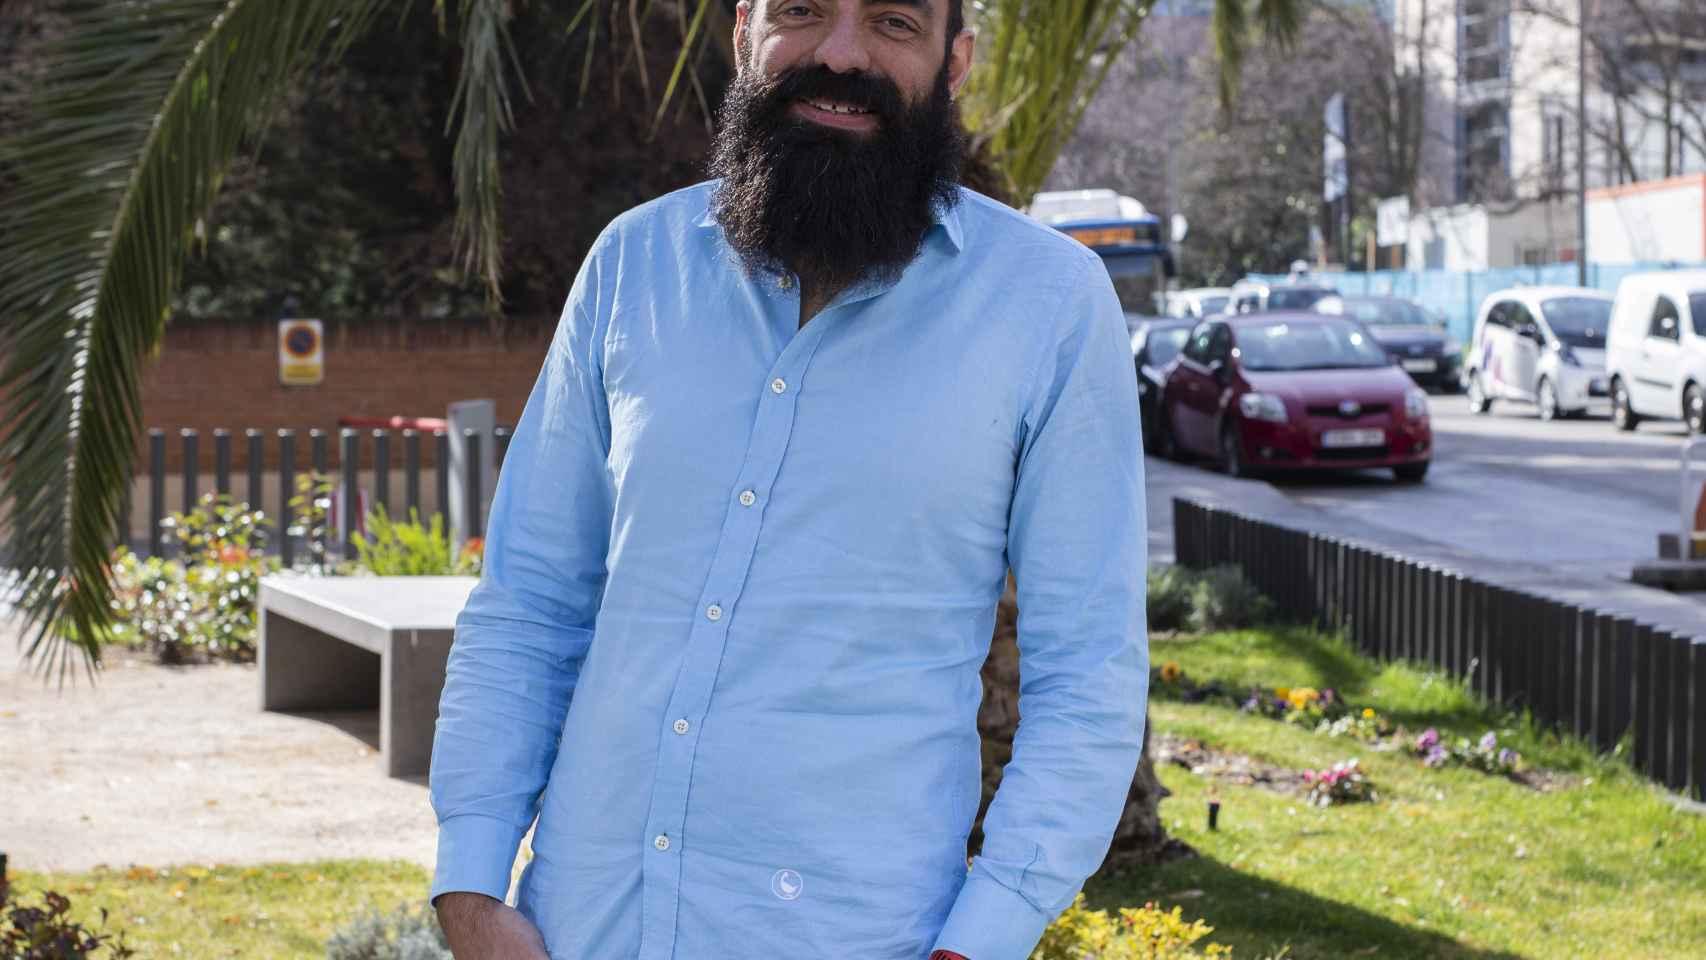 Enrique Dominguez, manager general de ElParking.